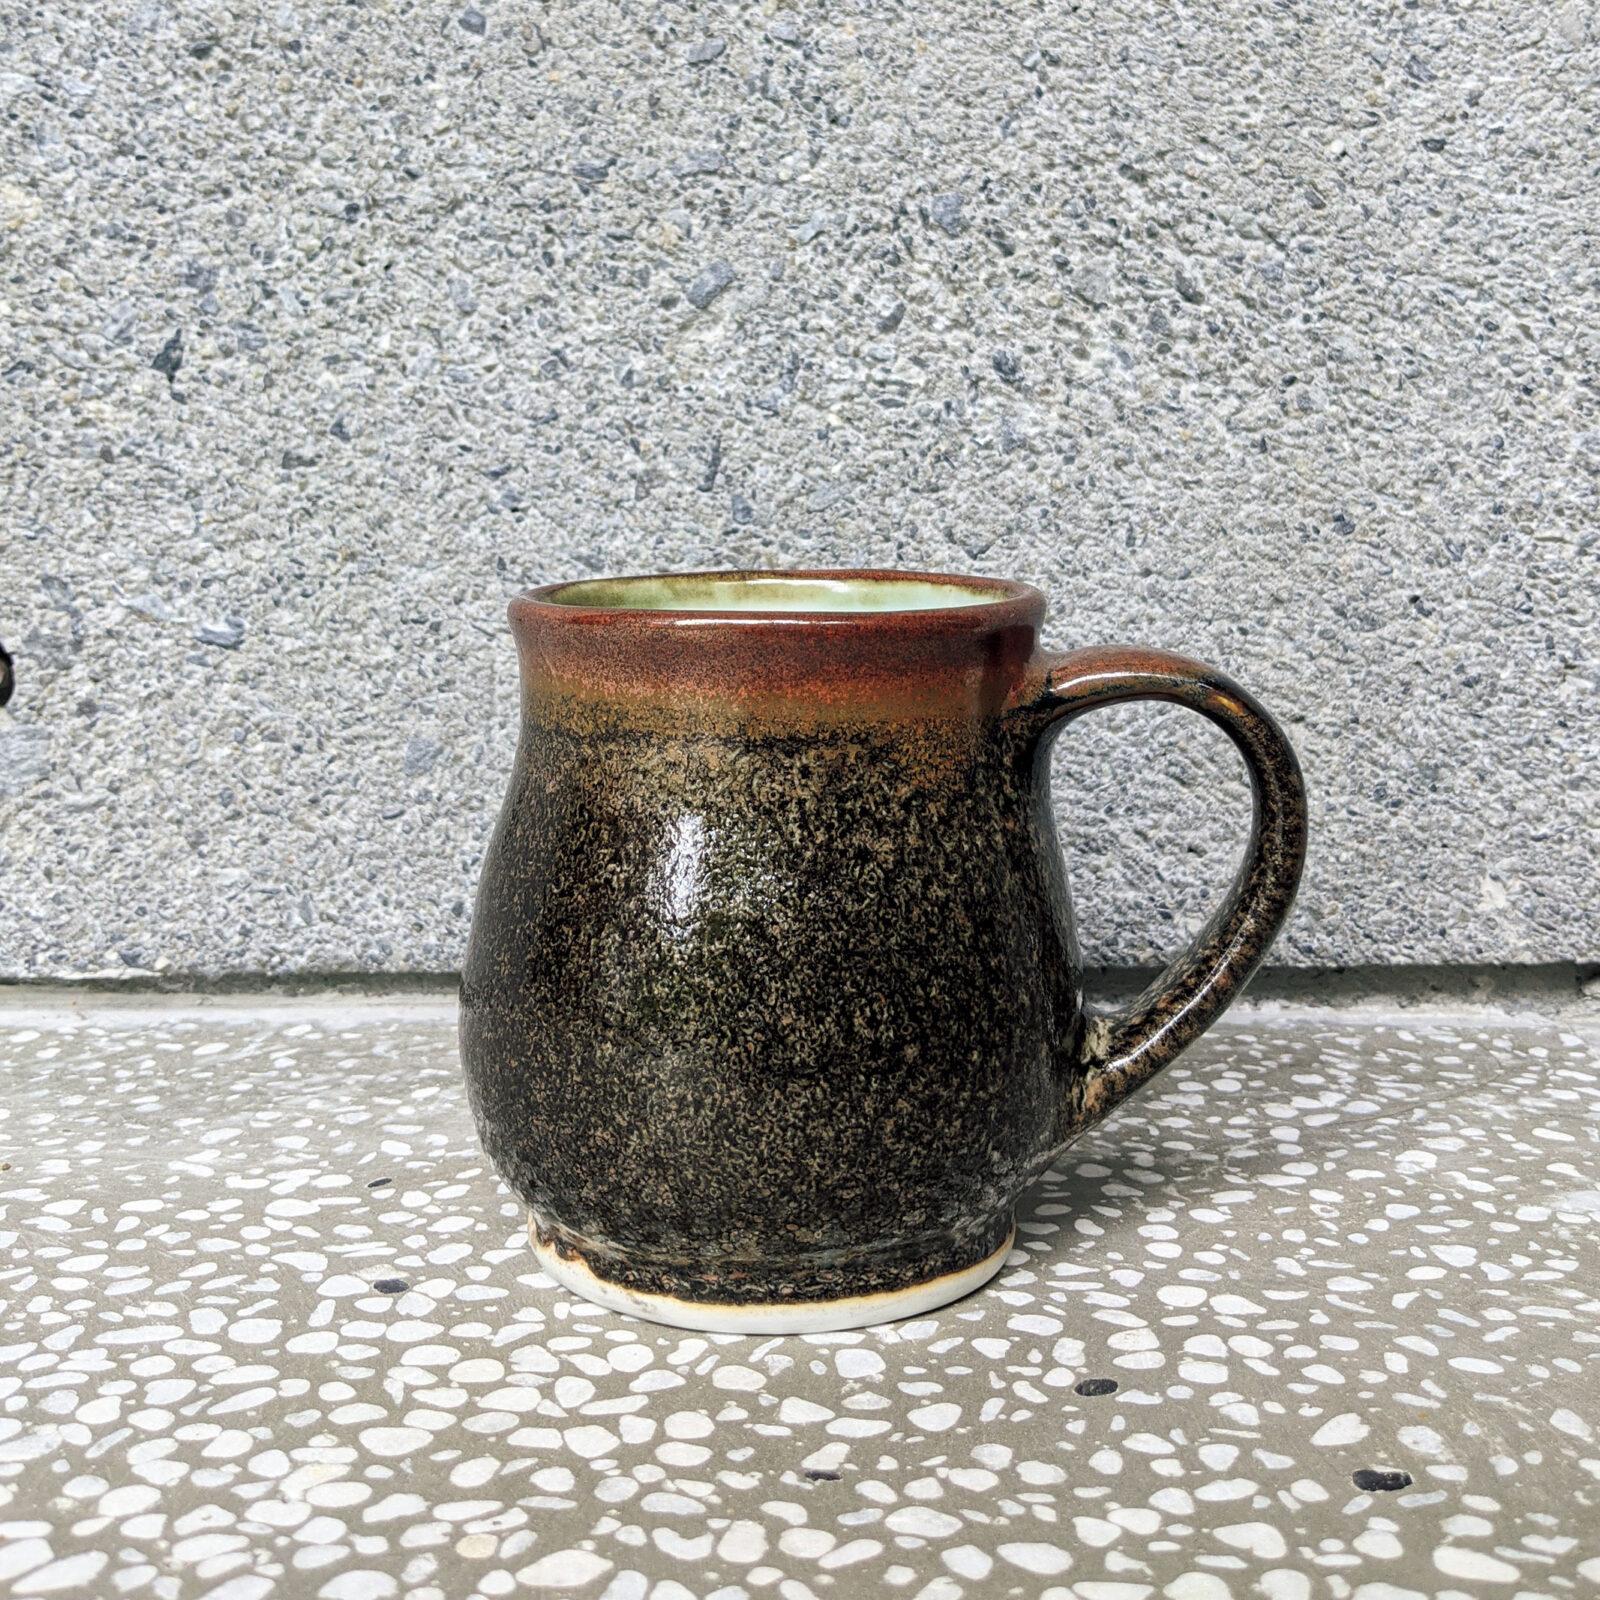 デーヴィッド・マークス(文化史執筆者)毎朝コーヒーを飲んでいますが、何年か前、母親が陶芸をやっていた頃、このマグカップをクリスマスでもらいました。使いやすくて、丈夫で、デザインが和っぽくて大好きです。